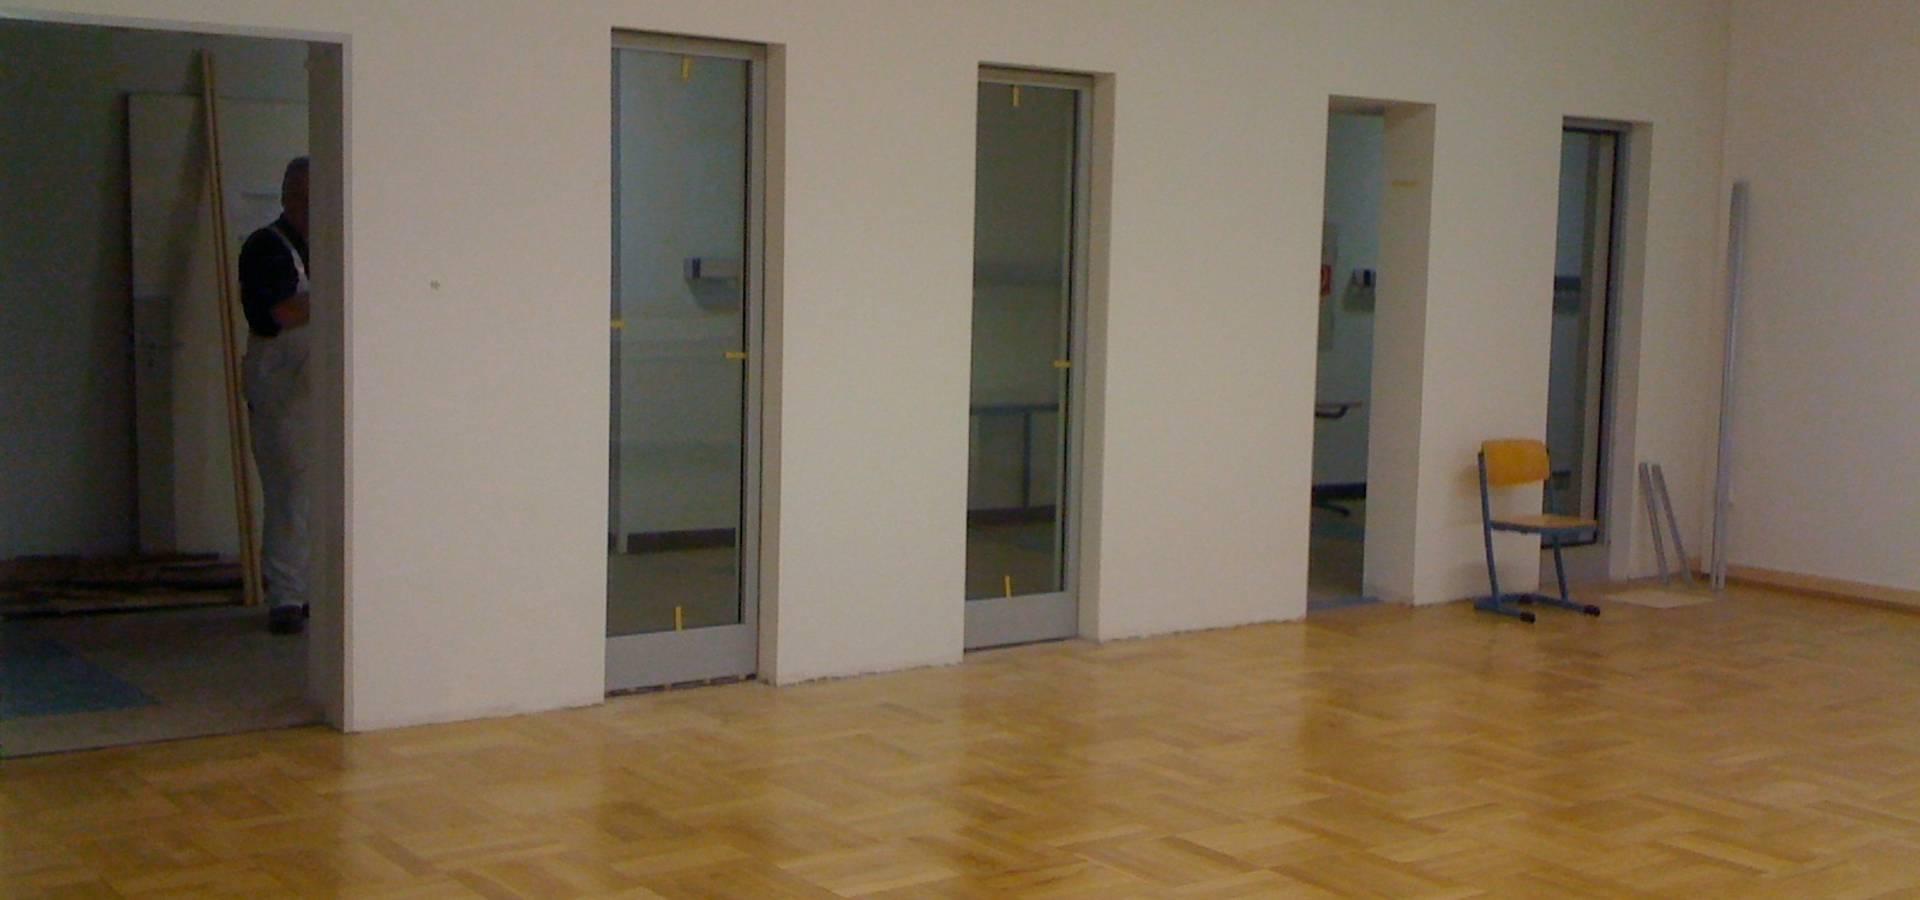 kaya architekten architekten in duisburg homify. Black Bedroom Furniture Sets. Home Design Ideas